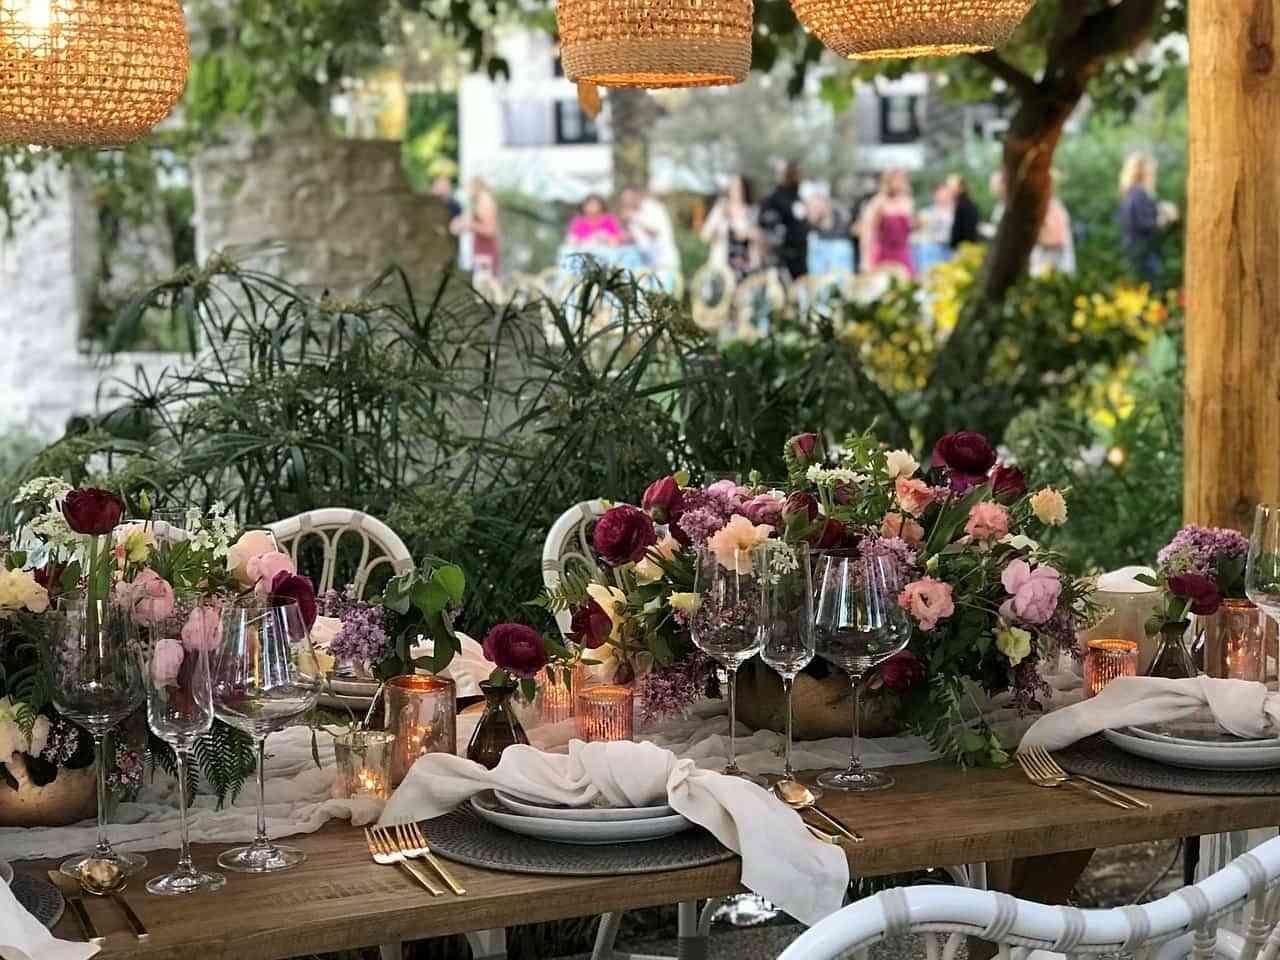 Agregar flores, vajilla colorida, jarrones, todo agrega un toque fresco y de color para decorar la mesa del comedor.